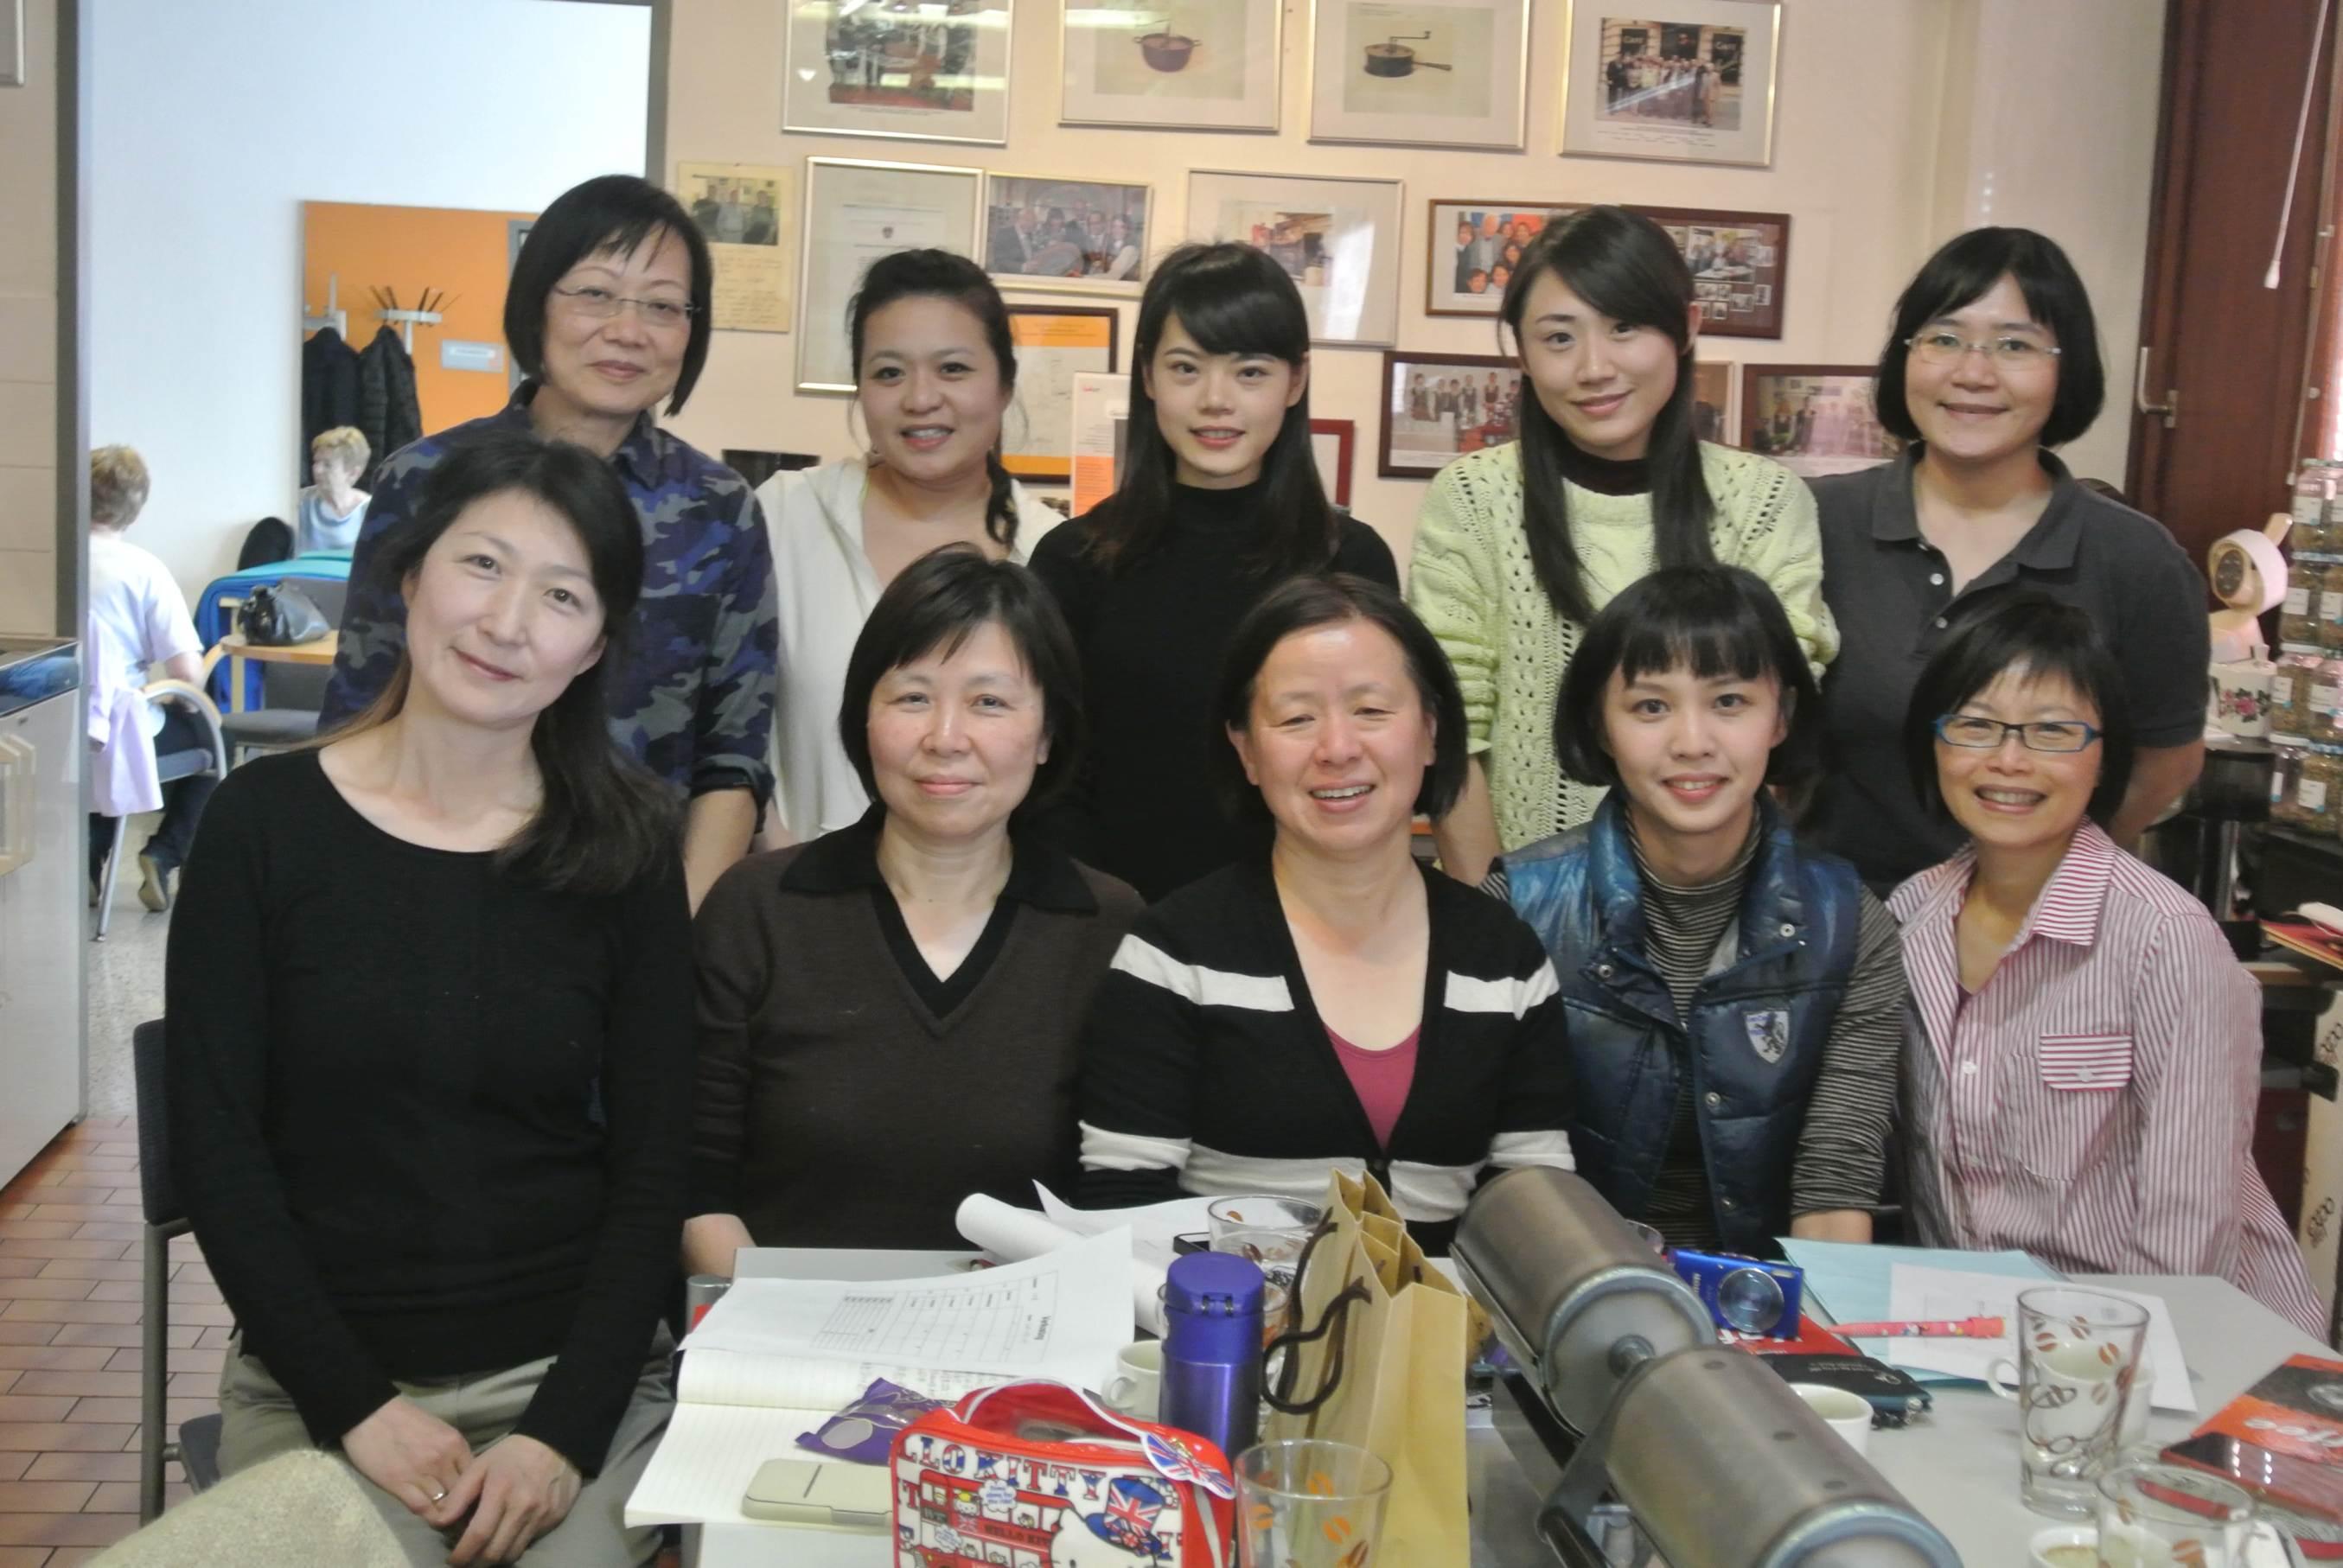 Gruppenfoto gemeinsam mit Dolmetscherin, Fr. Chef-Dipl.-Somm. Cheng (li vorne).